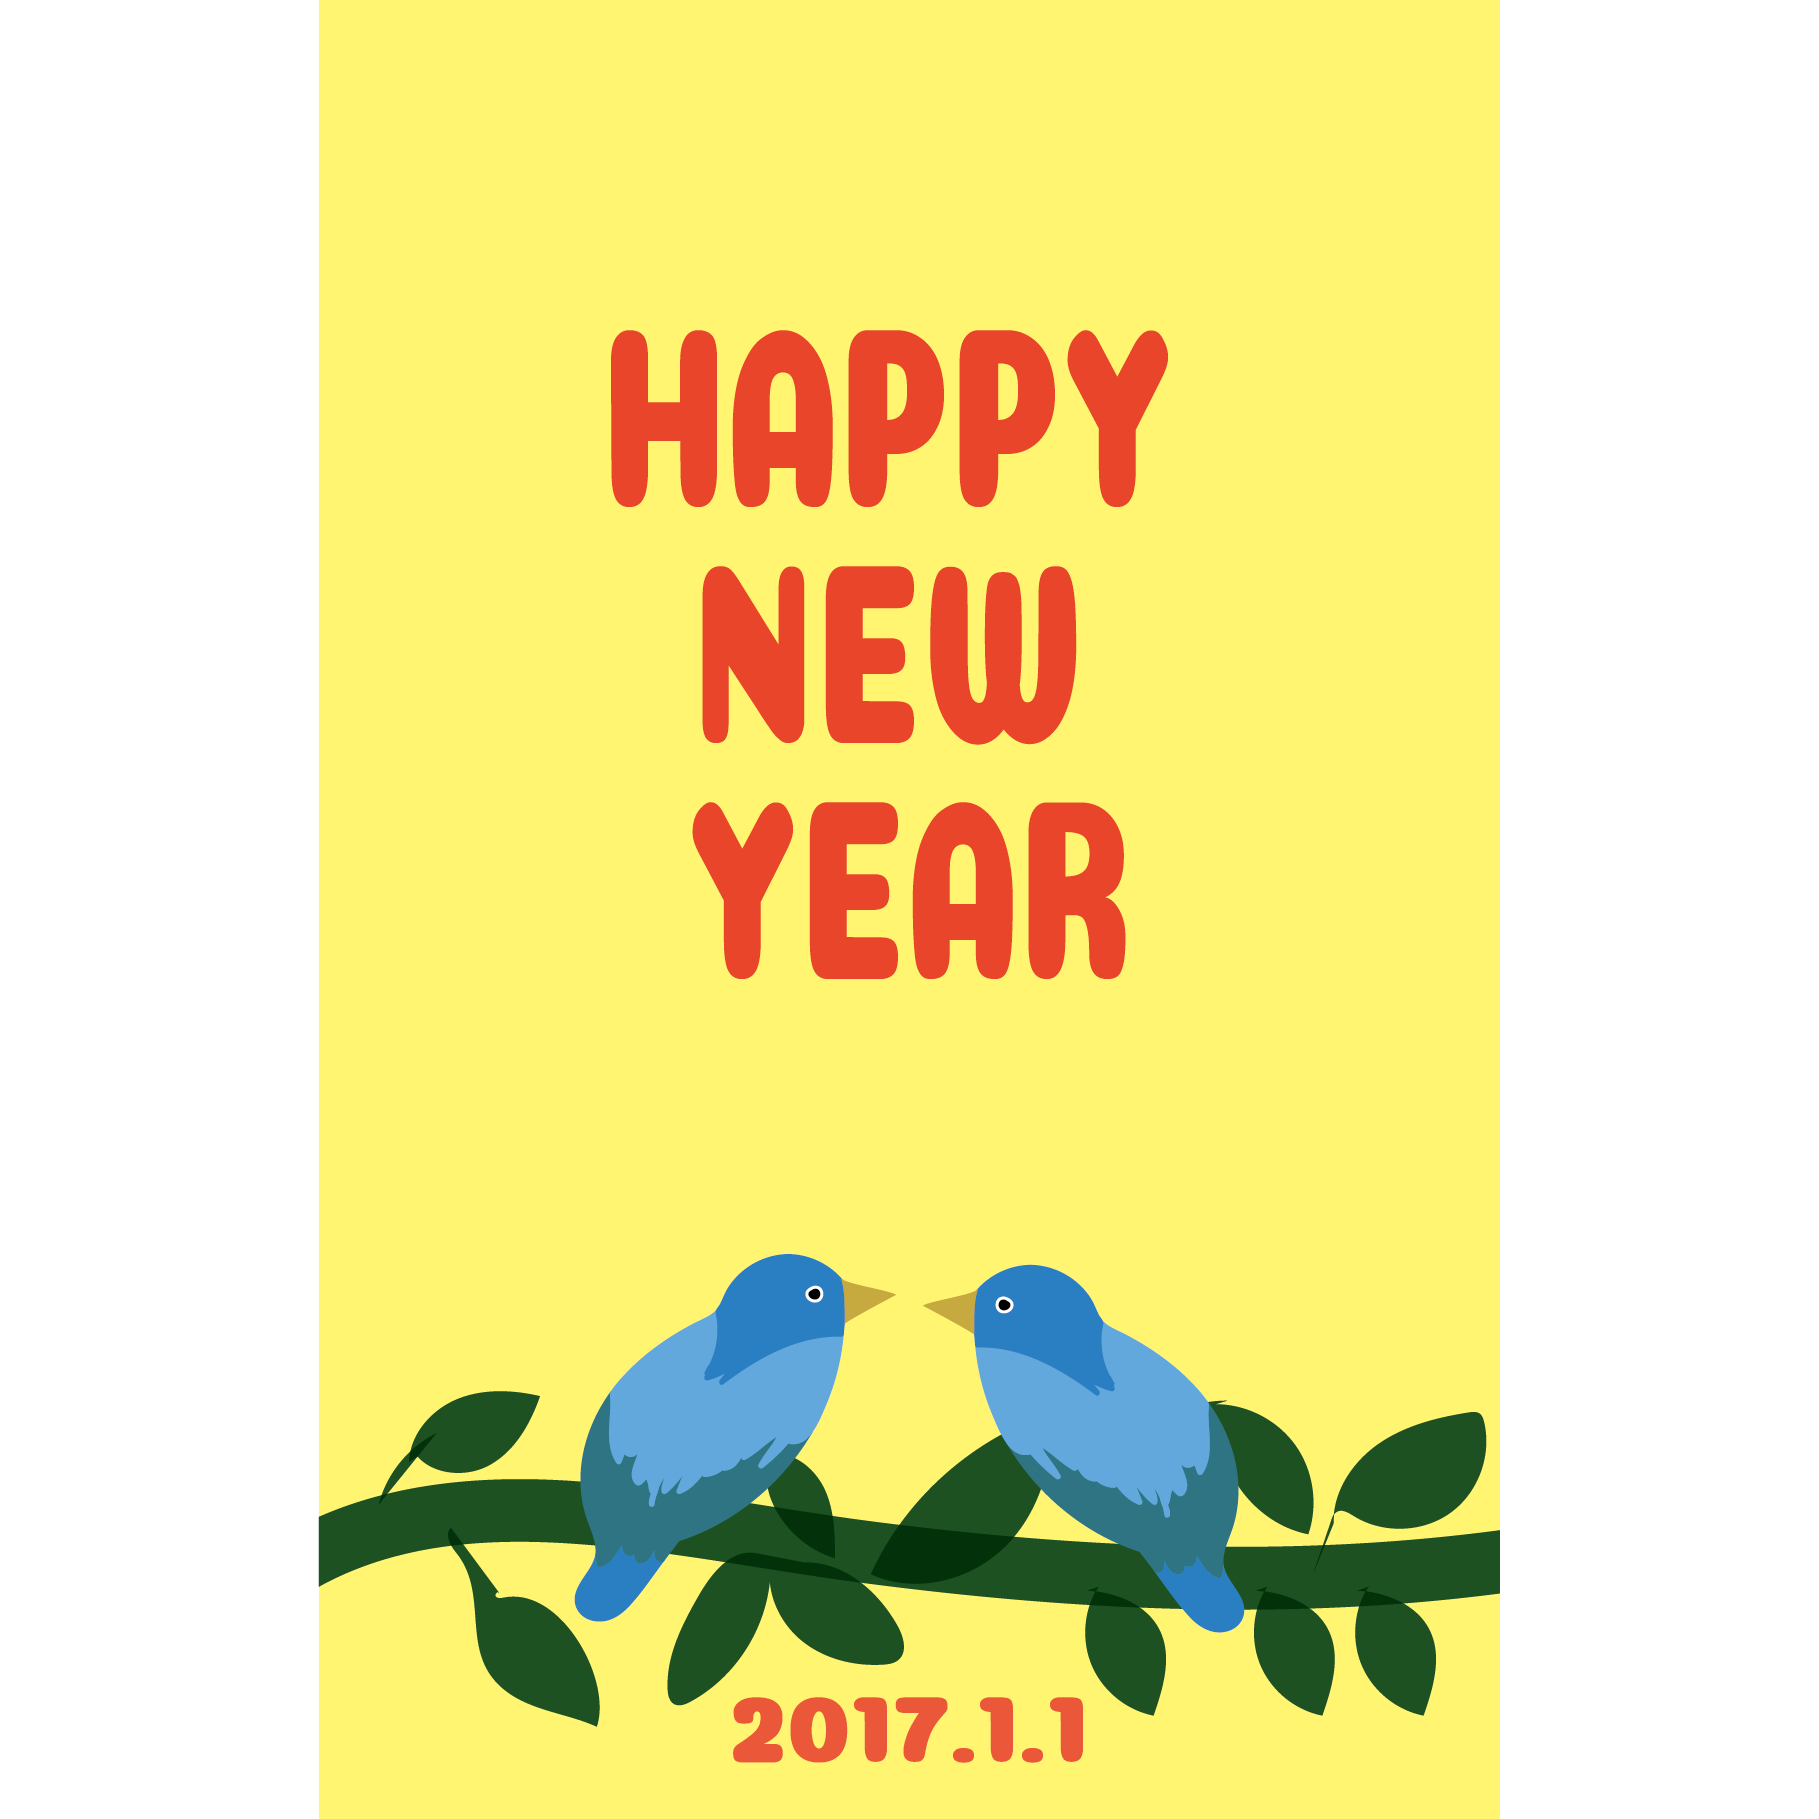 おしゃれな青い鳥 酉年(とりどし)年賀状 2017年「happy new year